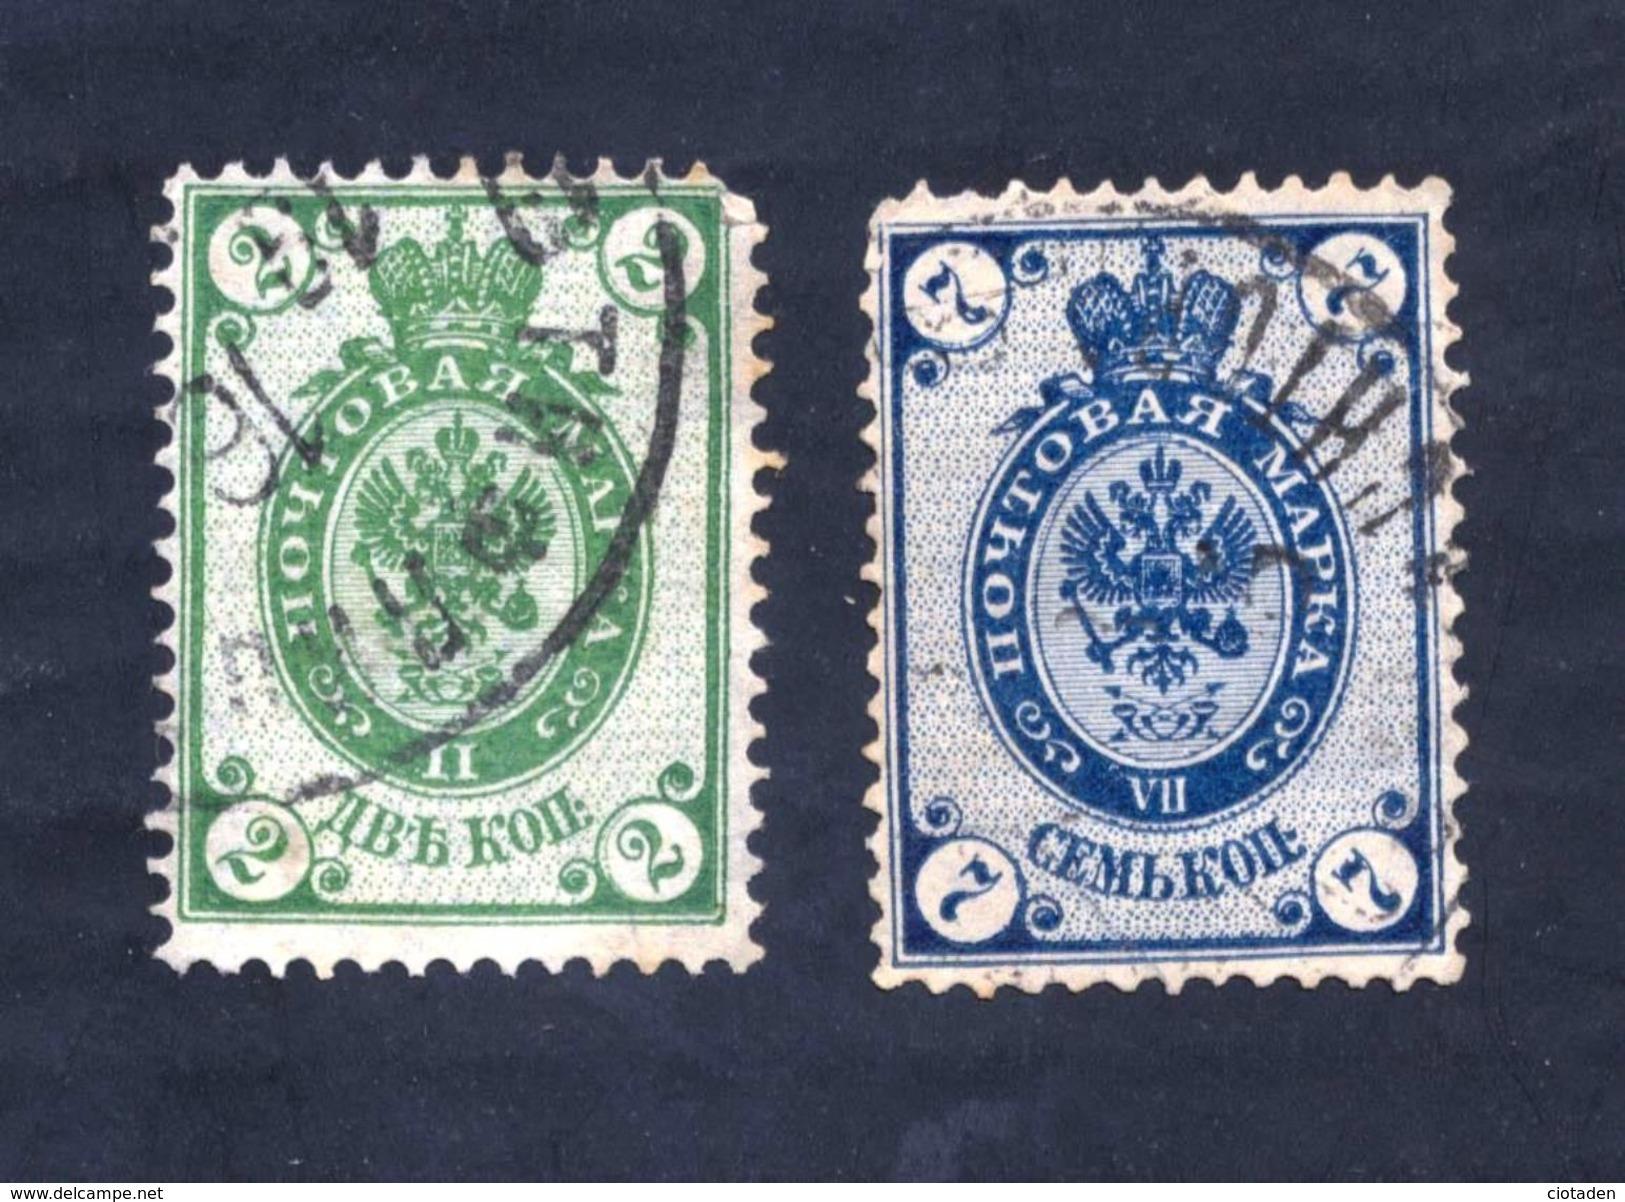 2 Timbres Poste Oblitérés - Finlande 1891 - - 1856-1917 Administration Russe